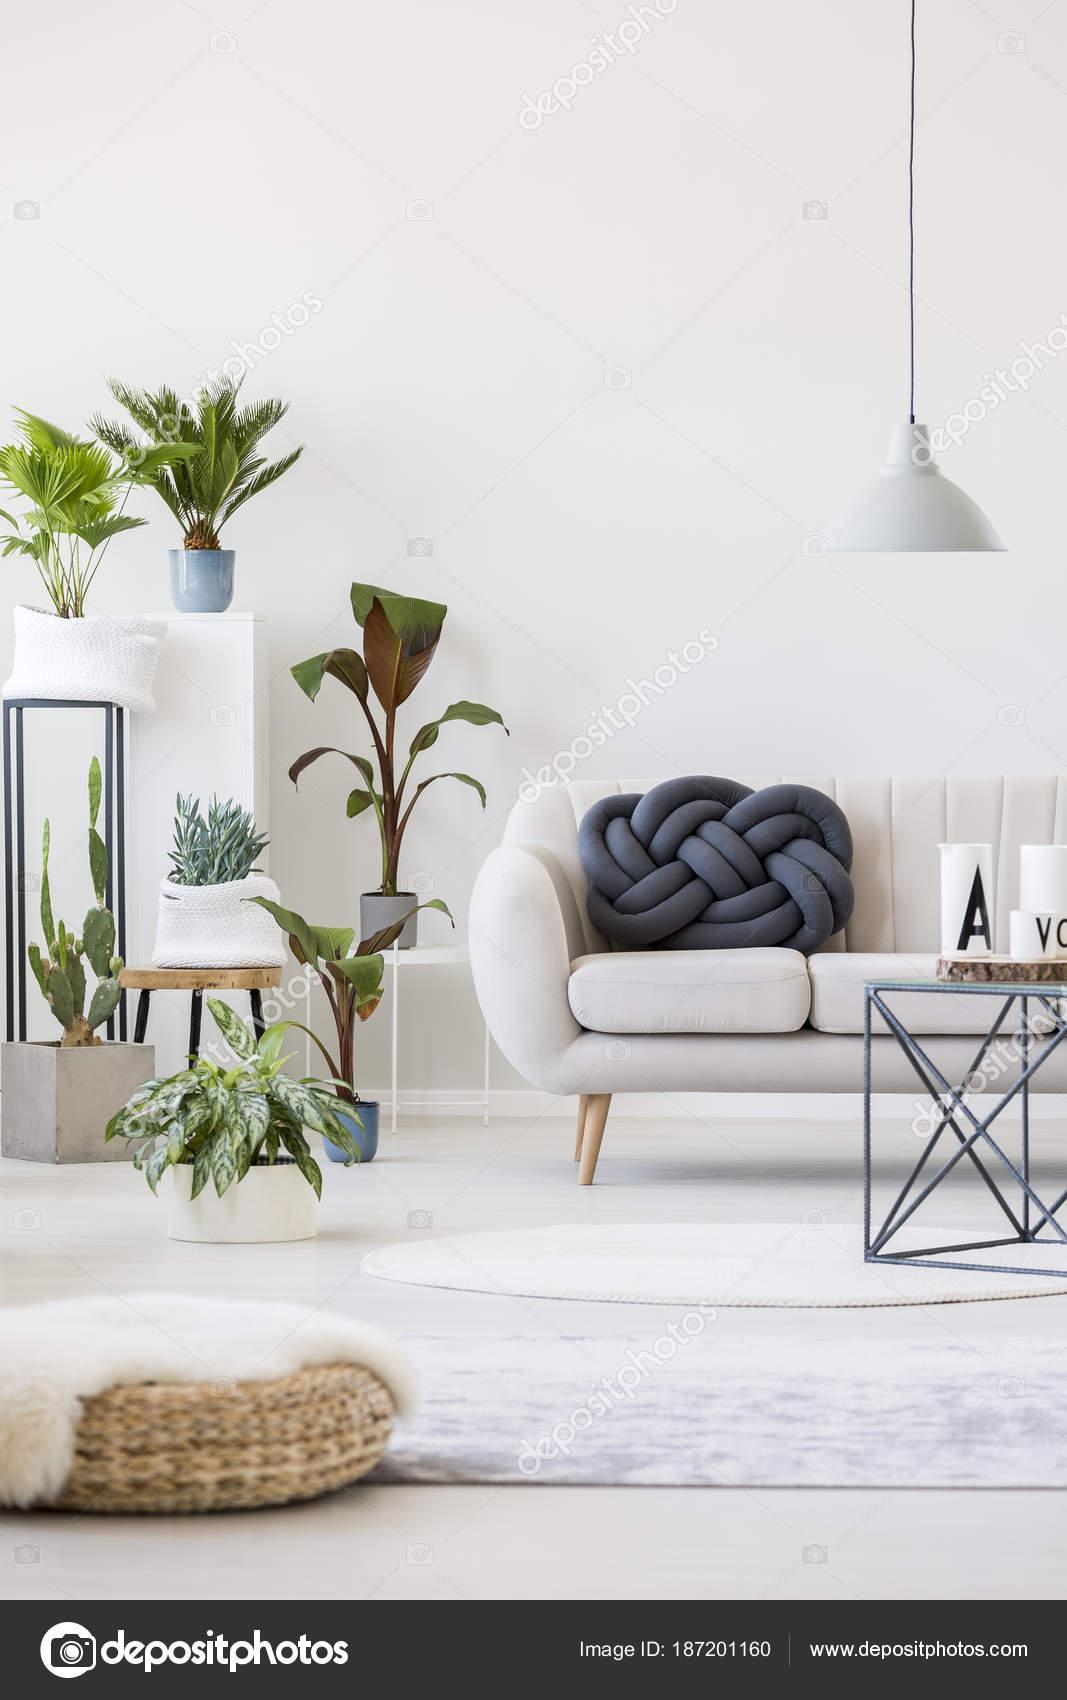 Pflanzen fur wohnzimmer